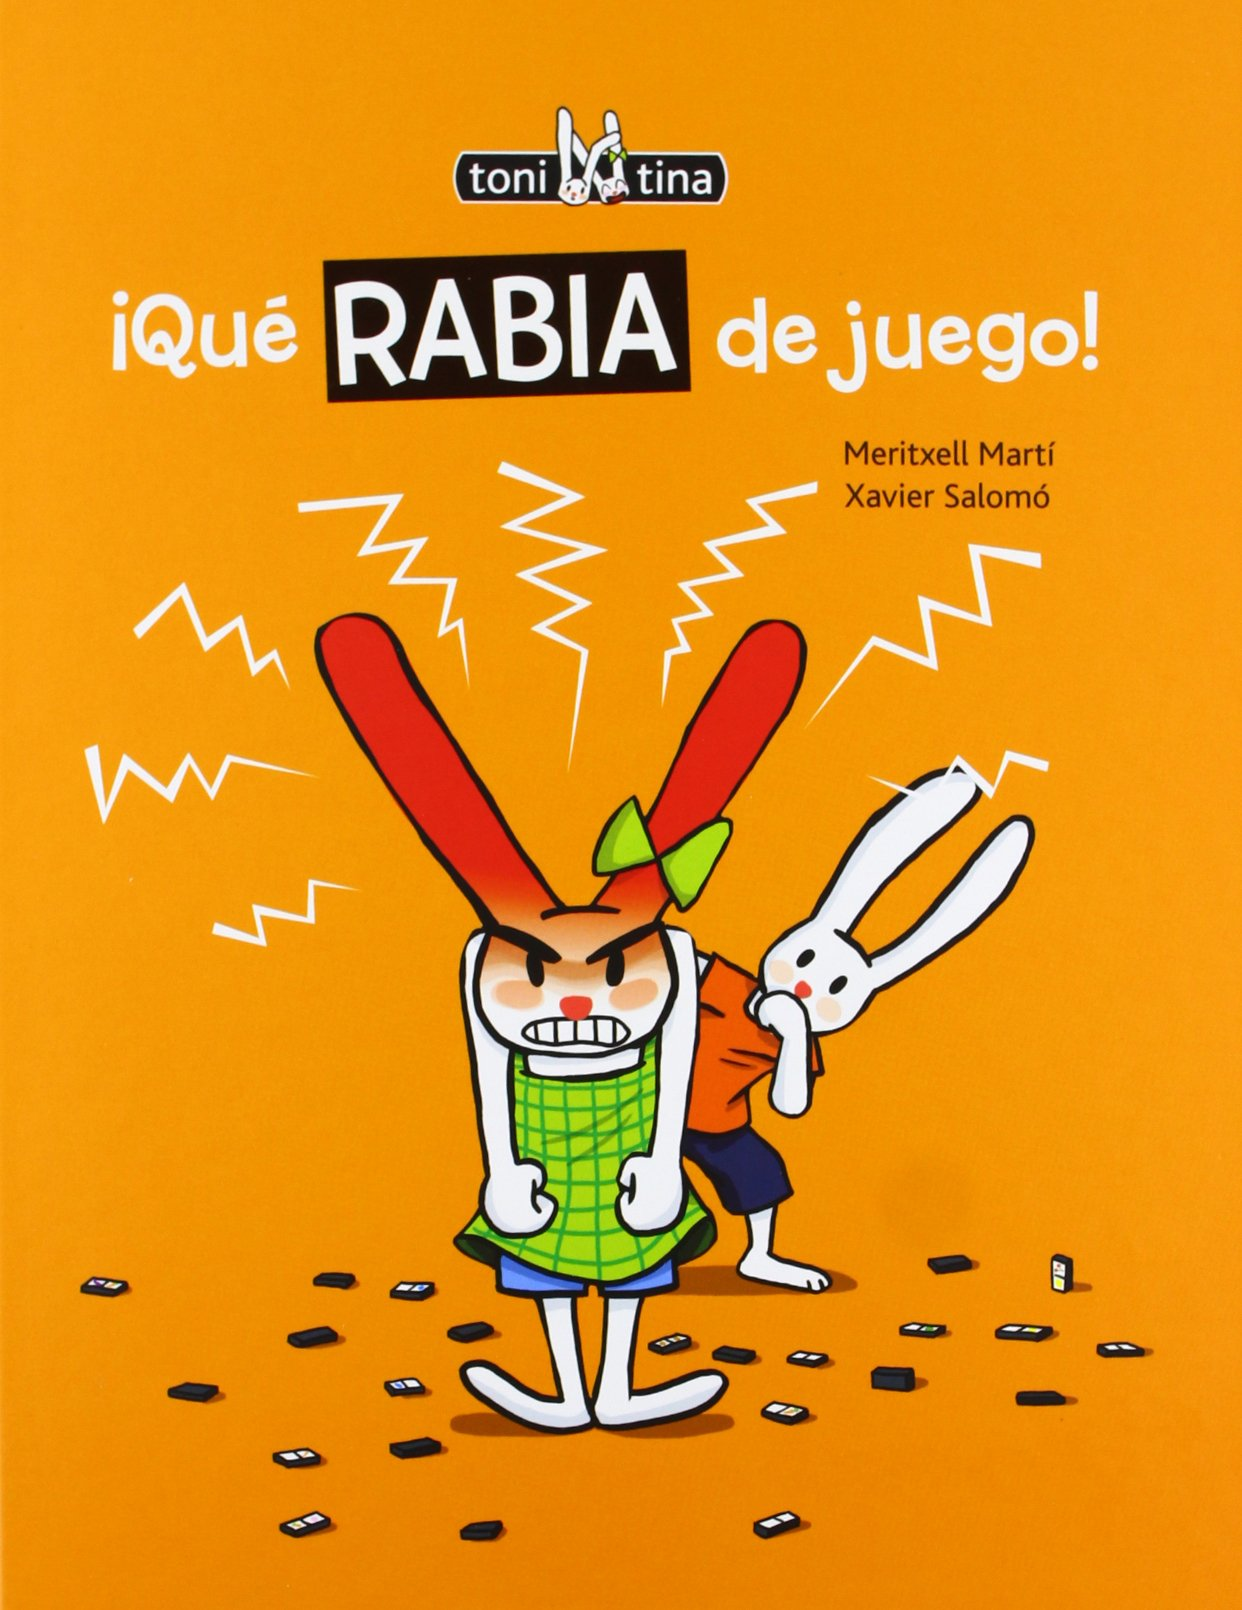 Qué rabia de juego! (Toni y Tina): Amazon.es: Martí, Meritxell, Salomó, Xavier: Libros